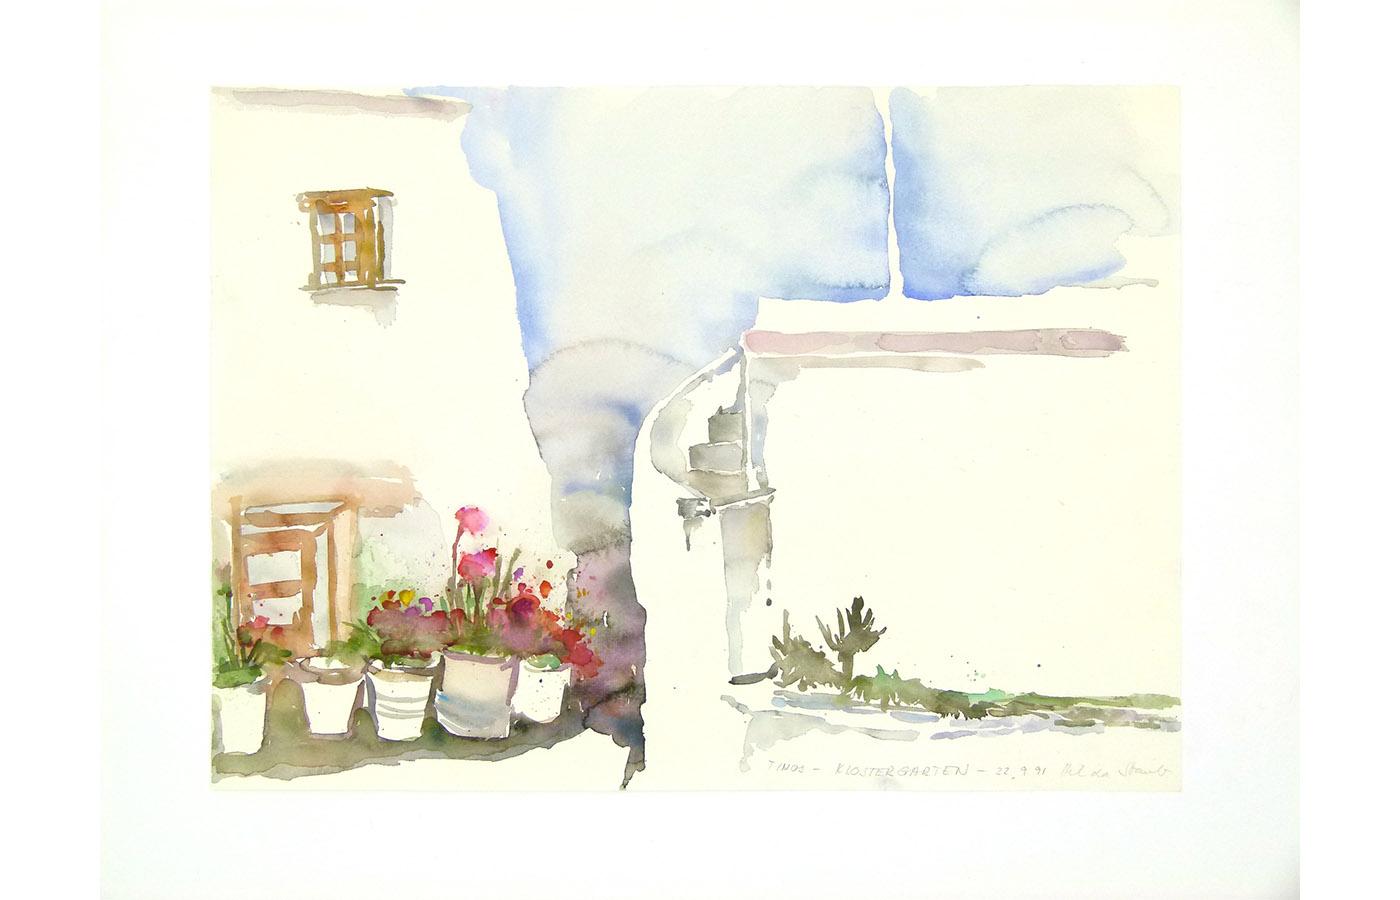 Landschaften und Reisebilder, Aquarell, 1991 bis 1993_0036_L1110037a